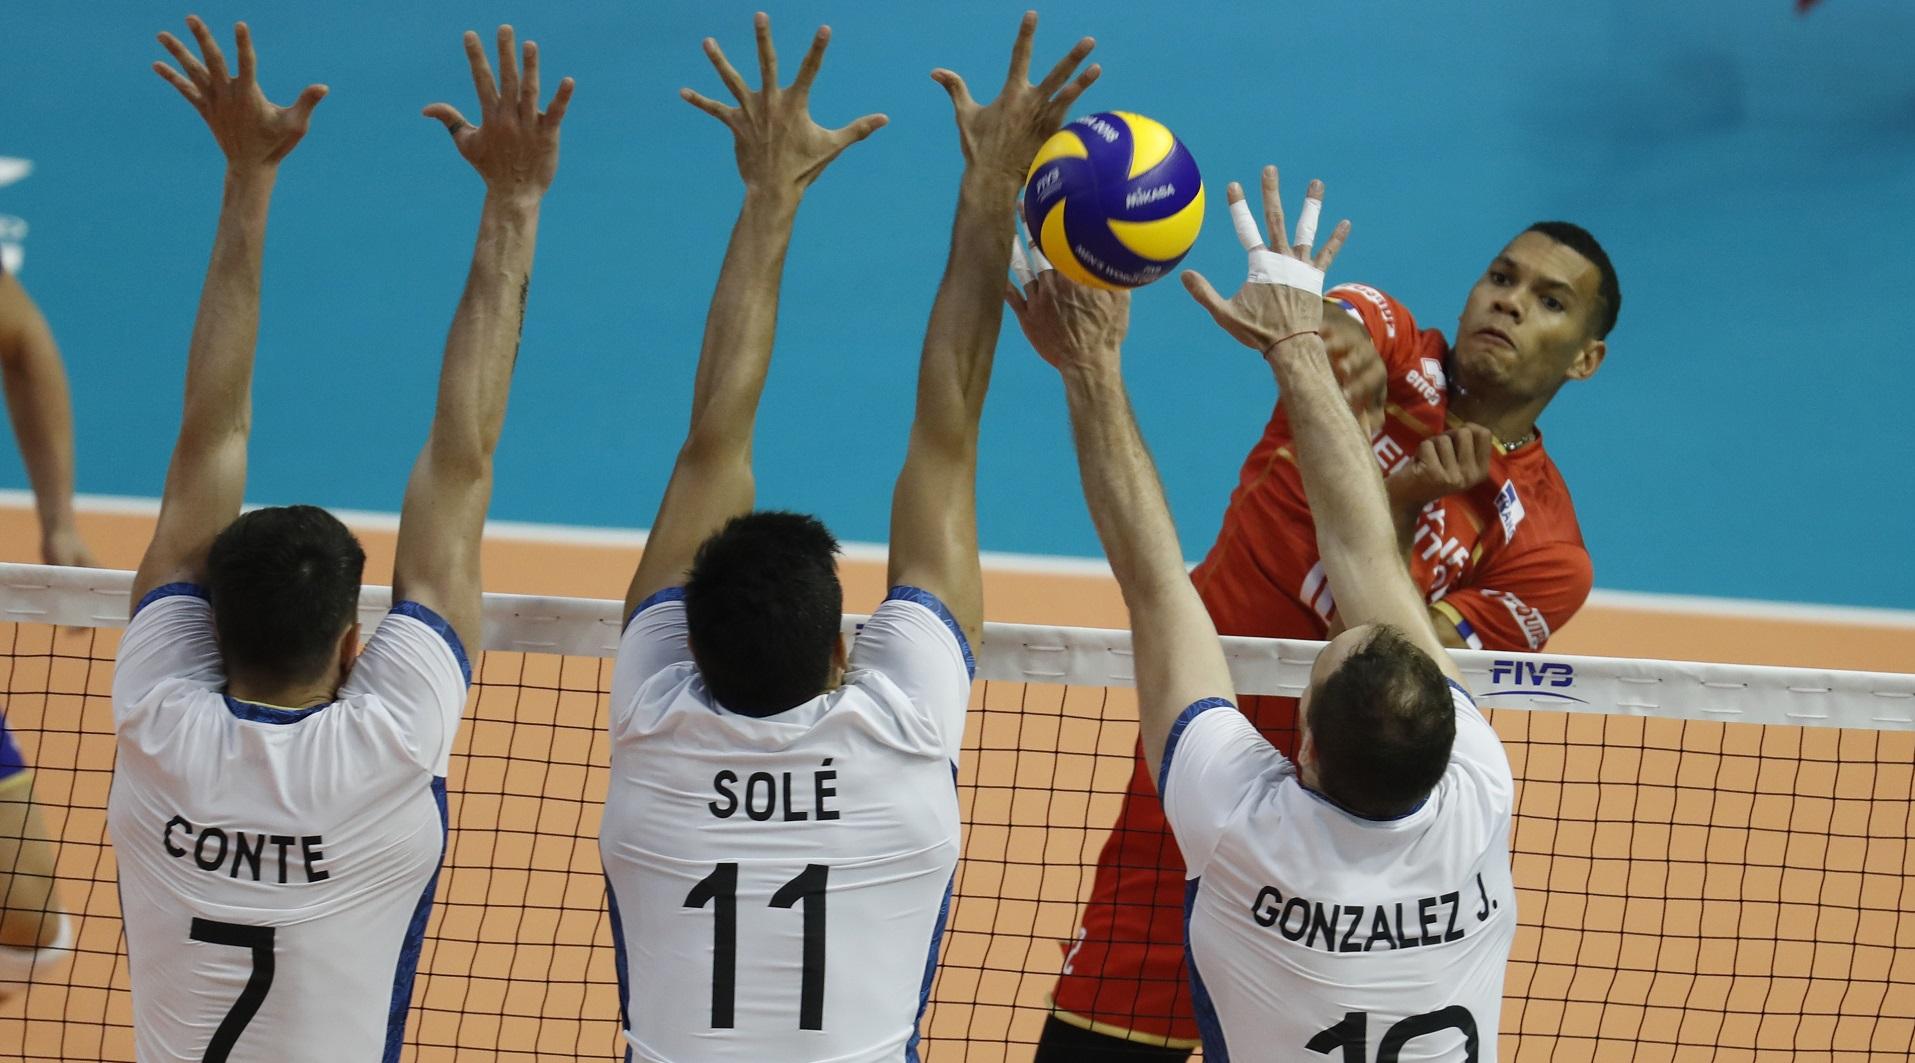 Mistrzostwa Europy w siatkówce: Włosi w ćwierćfinale